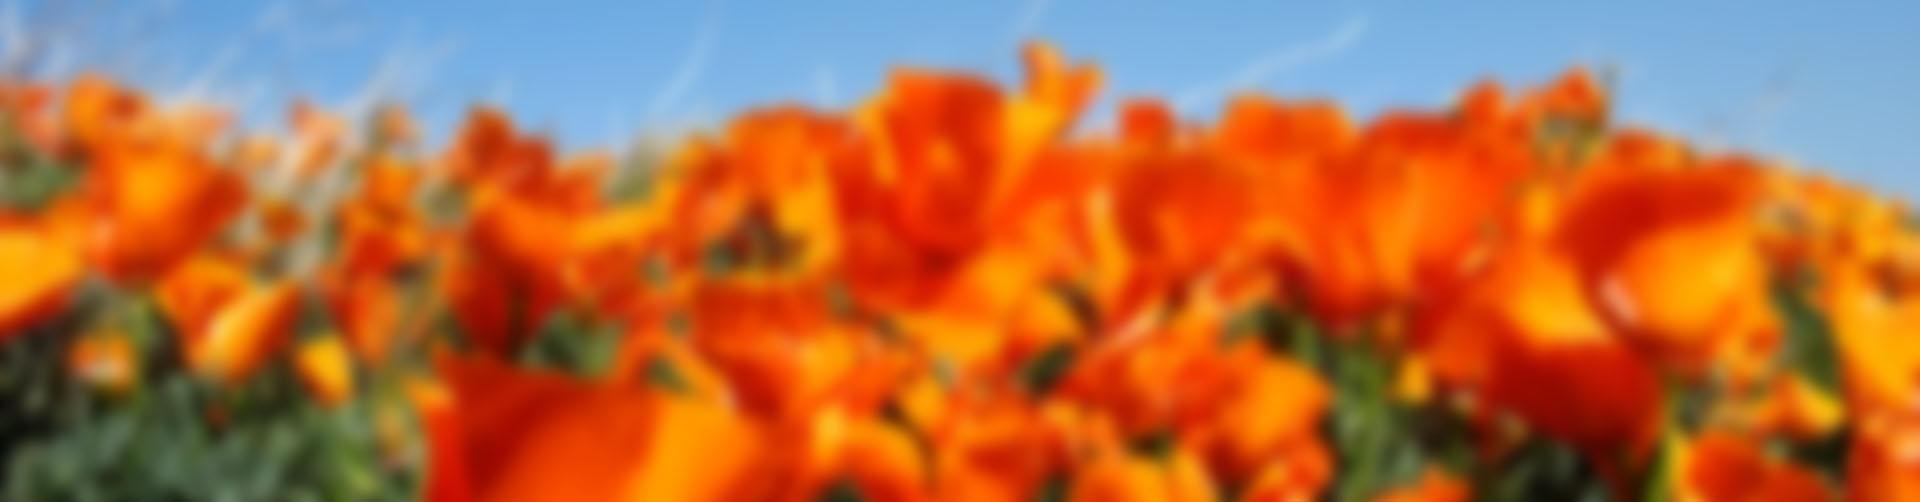 poppyfield-blur